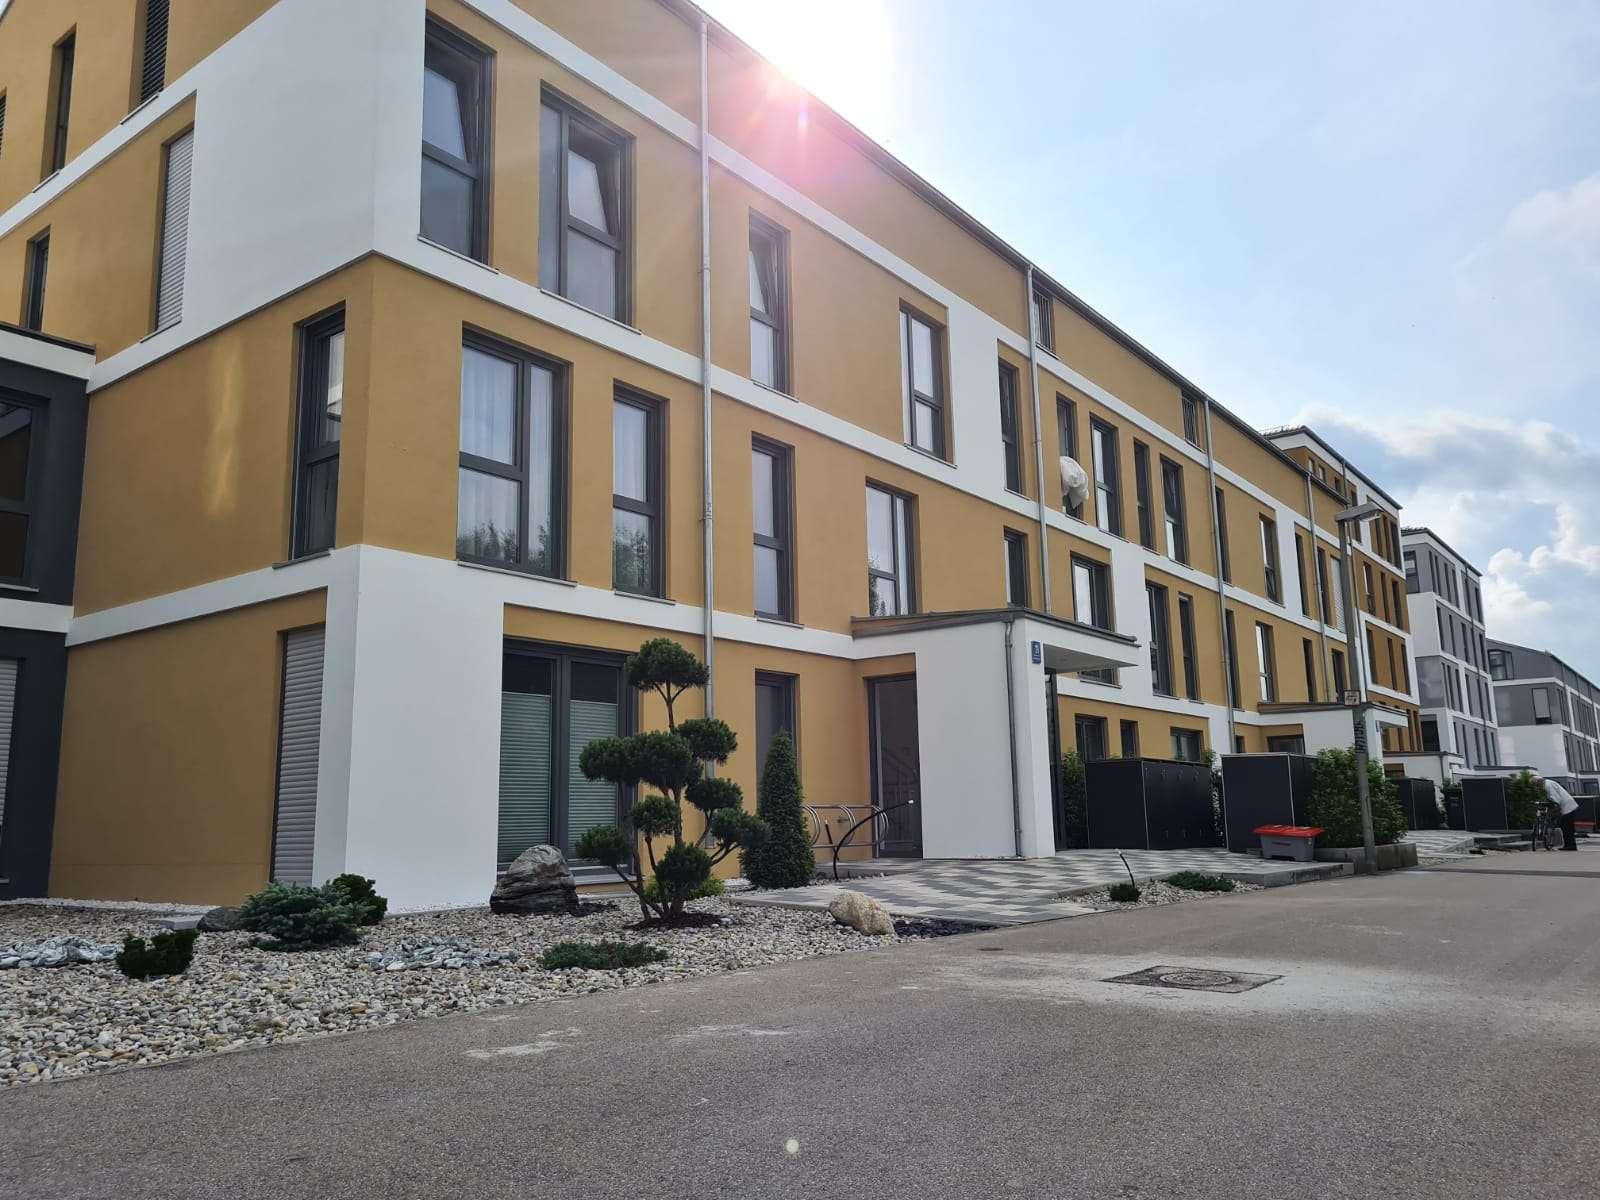 Stilvolle, luxuriöse, helle undExklusive, neuwertige 3-Zi-Wohnung m. Balkon und EBK in A-Göggingen in